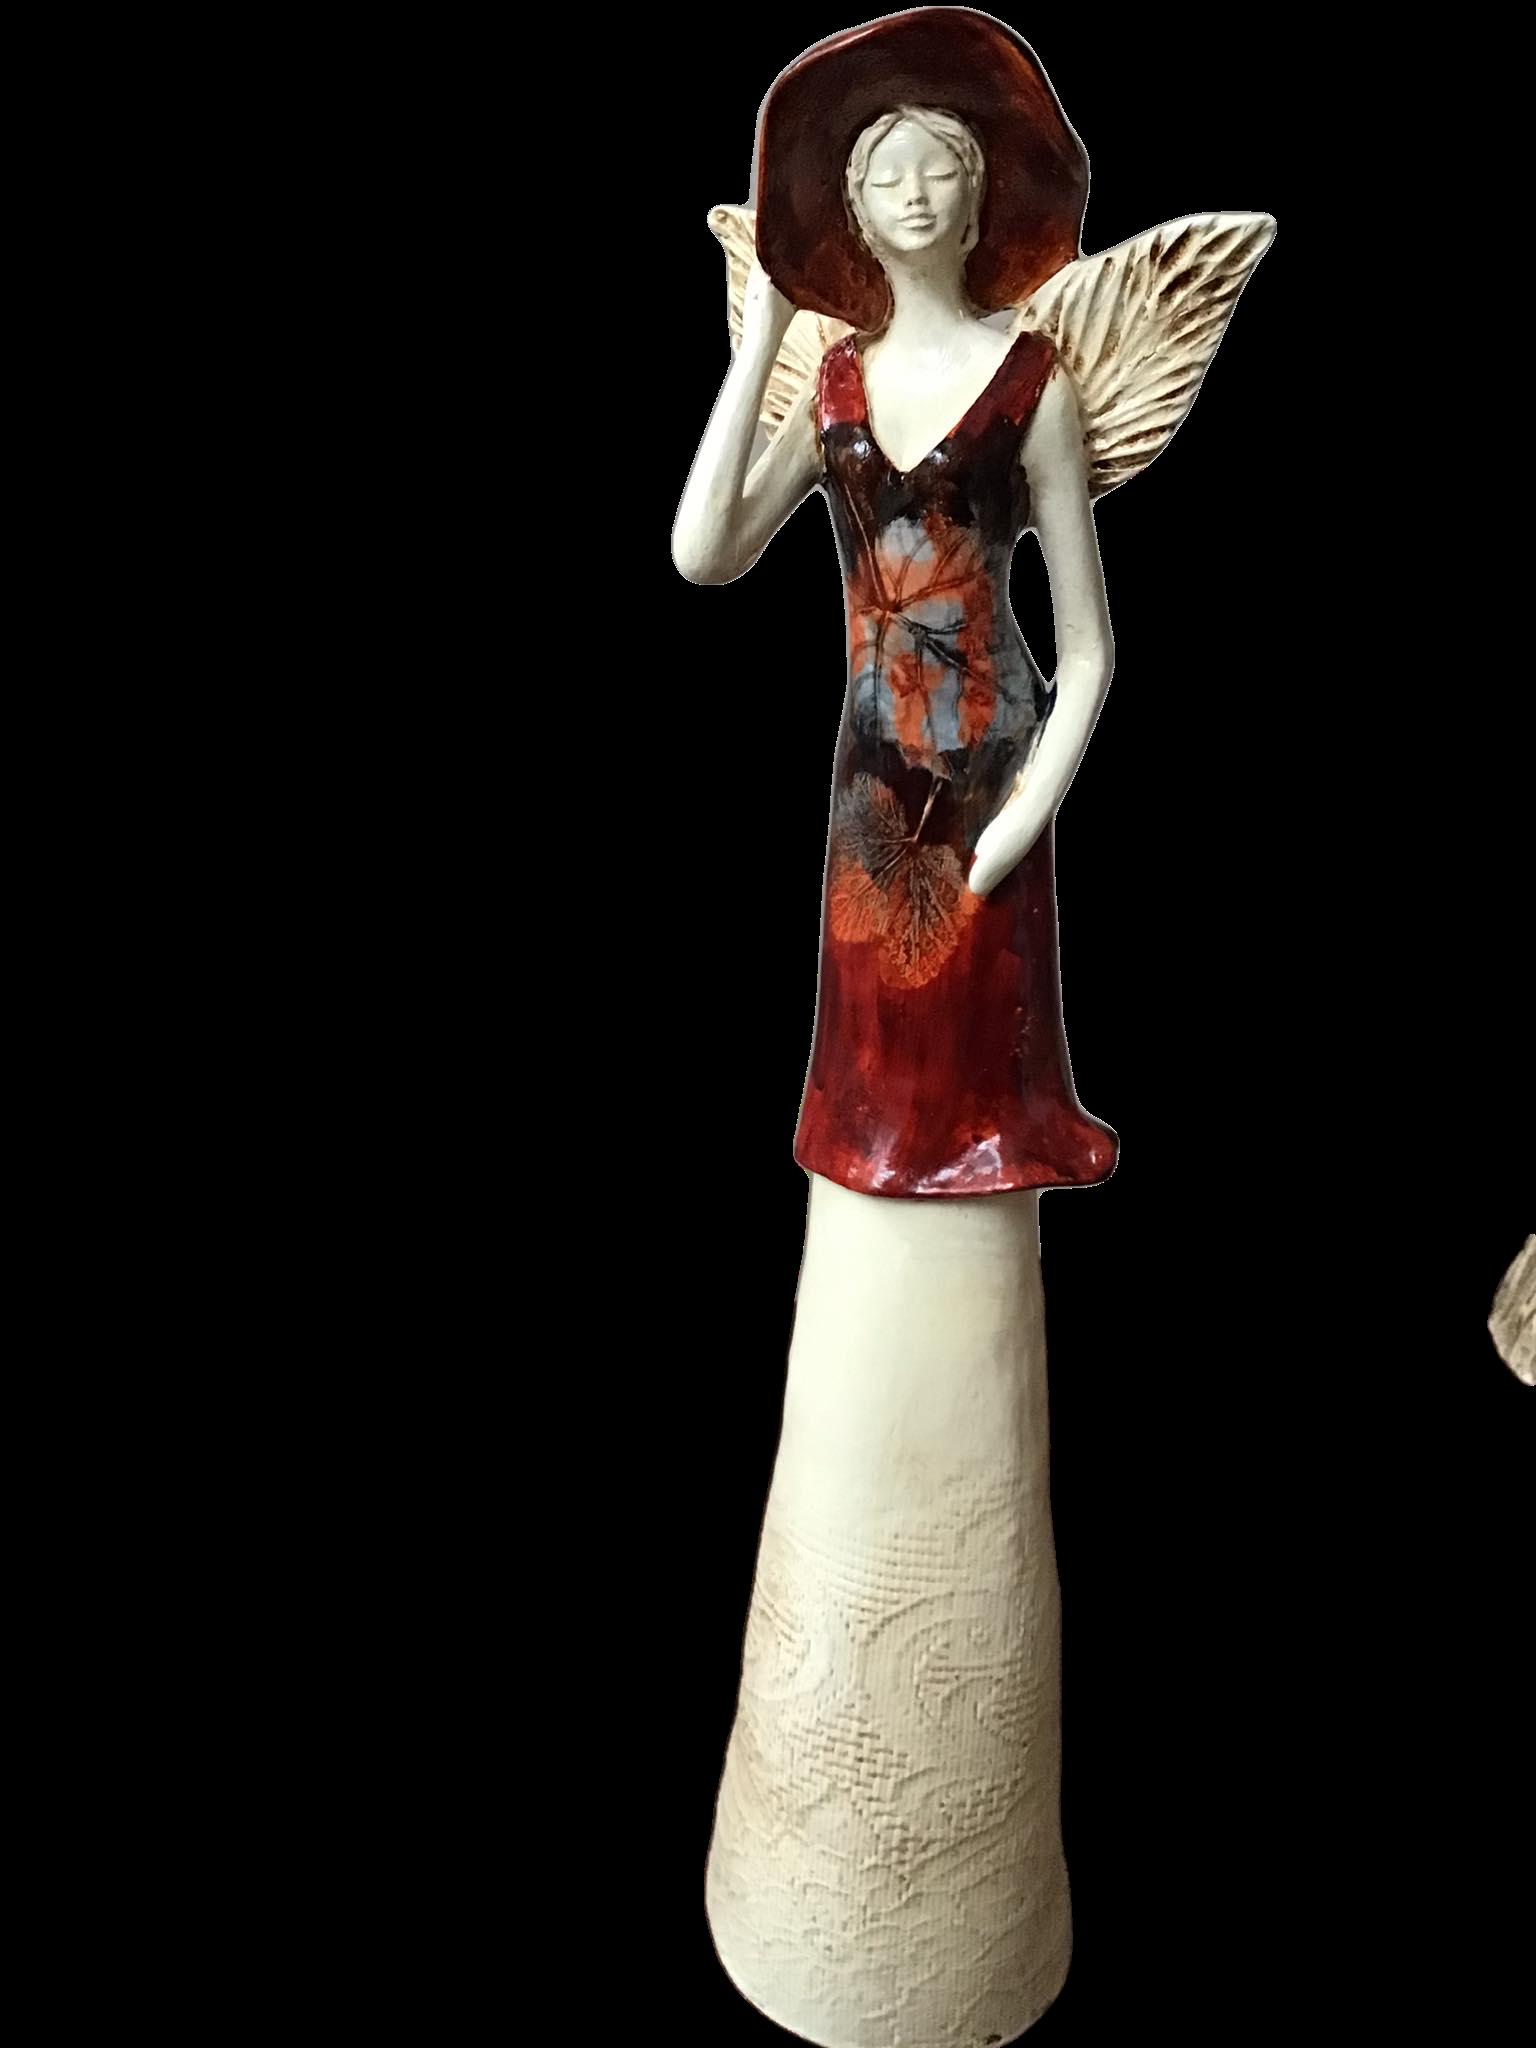 Anioł Cleo1